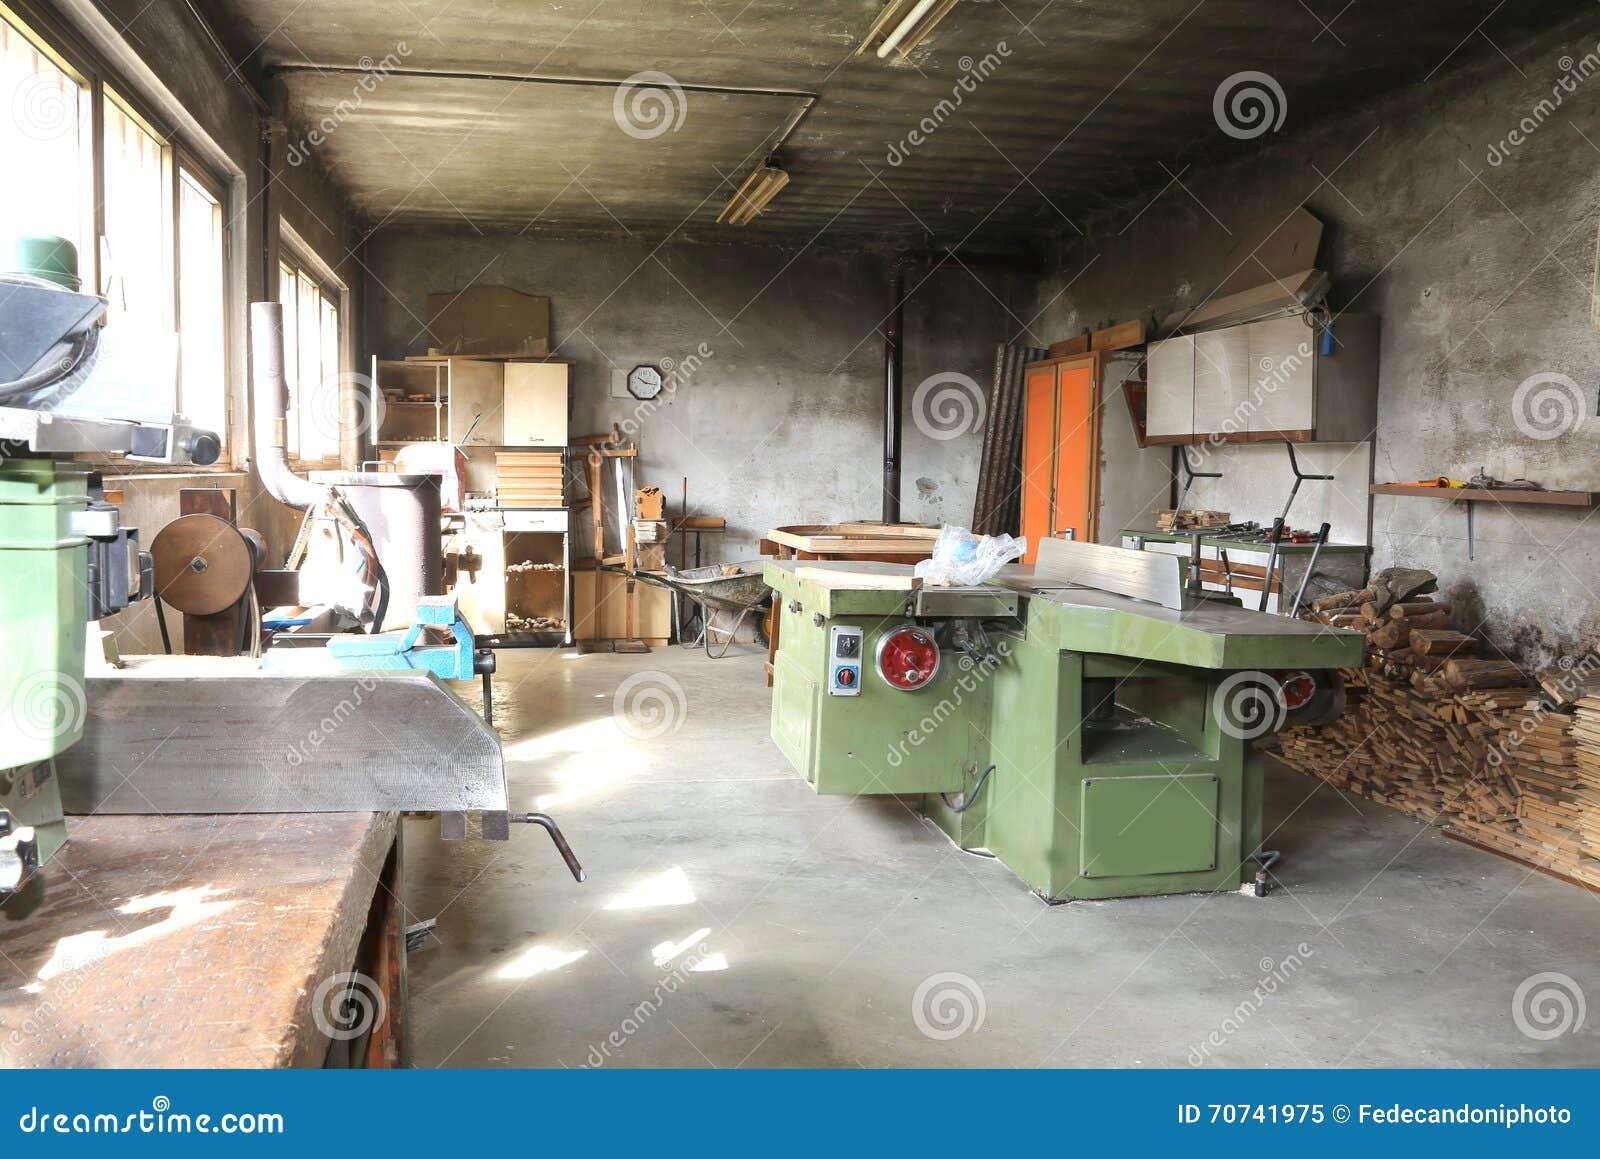 menuiserie hors d 39 usage avec la machine pour couper les. Black Bedroom Furniture Sets. Home Design Ideas